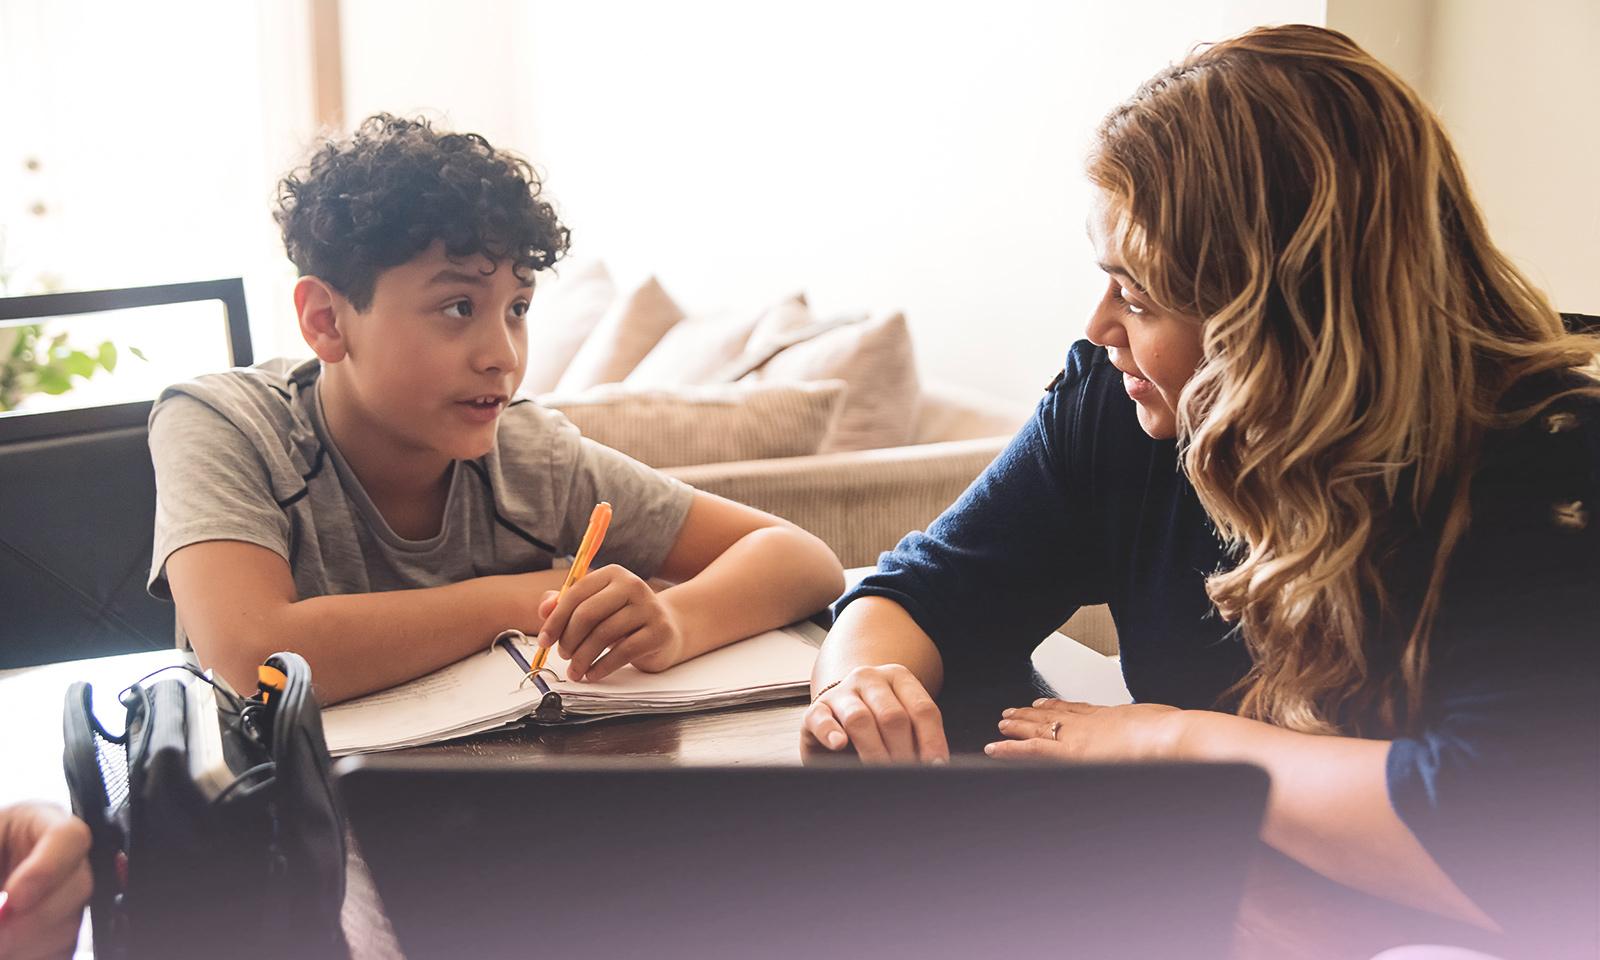 École en ligne: comment aider vos enfants?